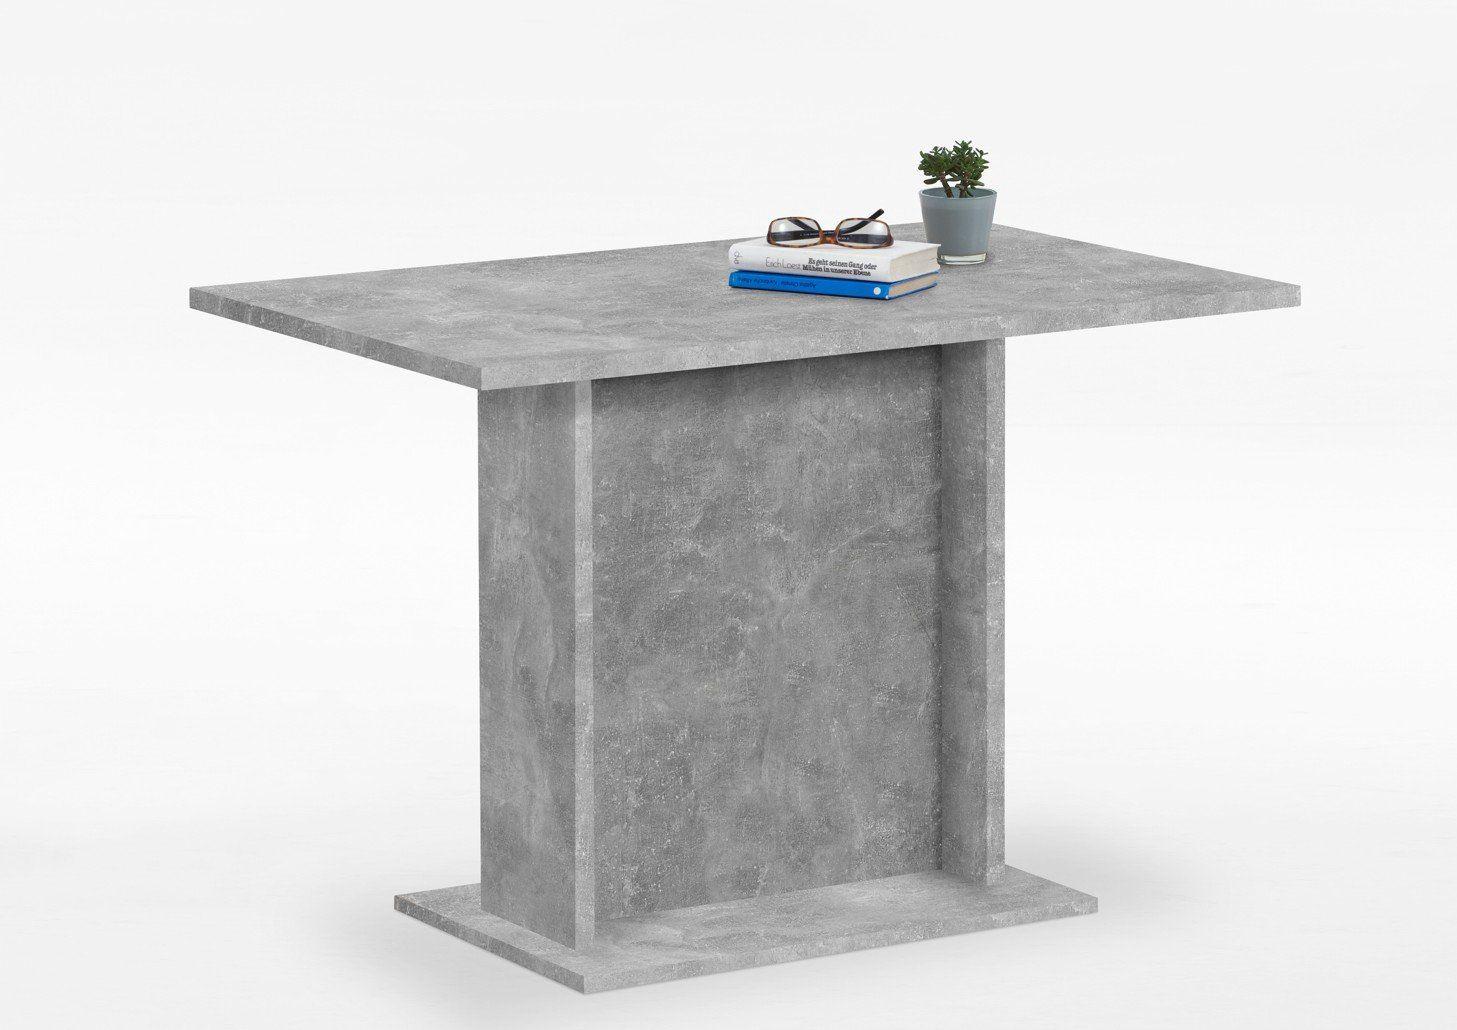 Esstisch 110 x 70 cm Betonoptik - BANDOL 3